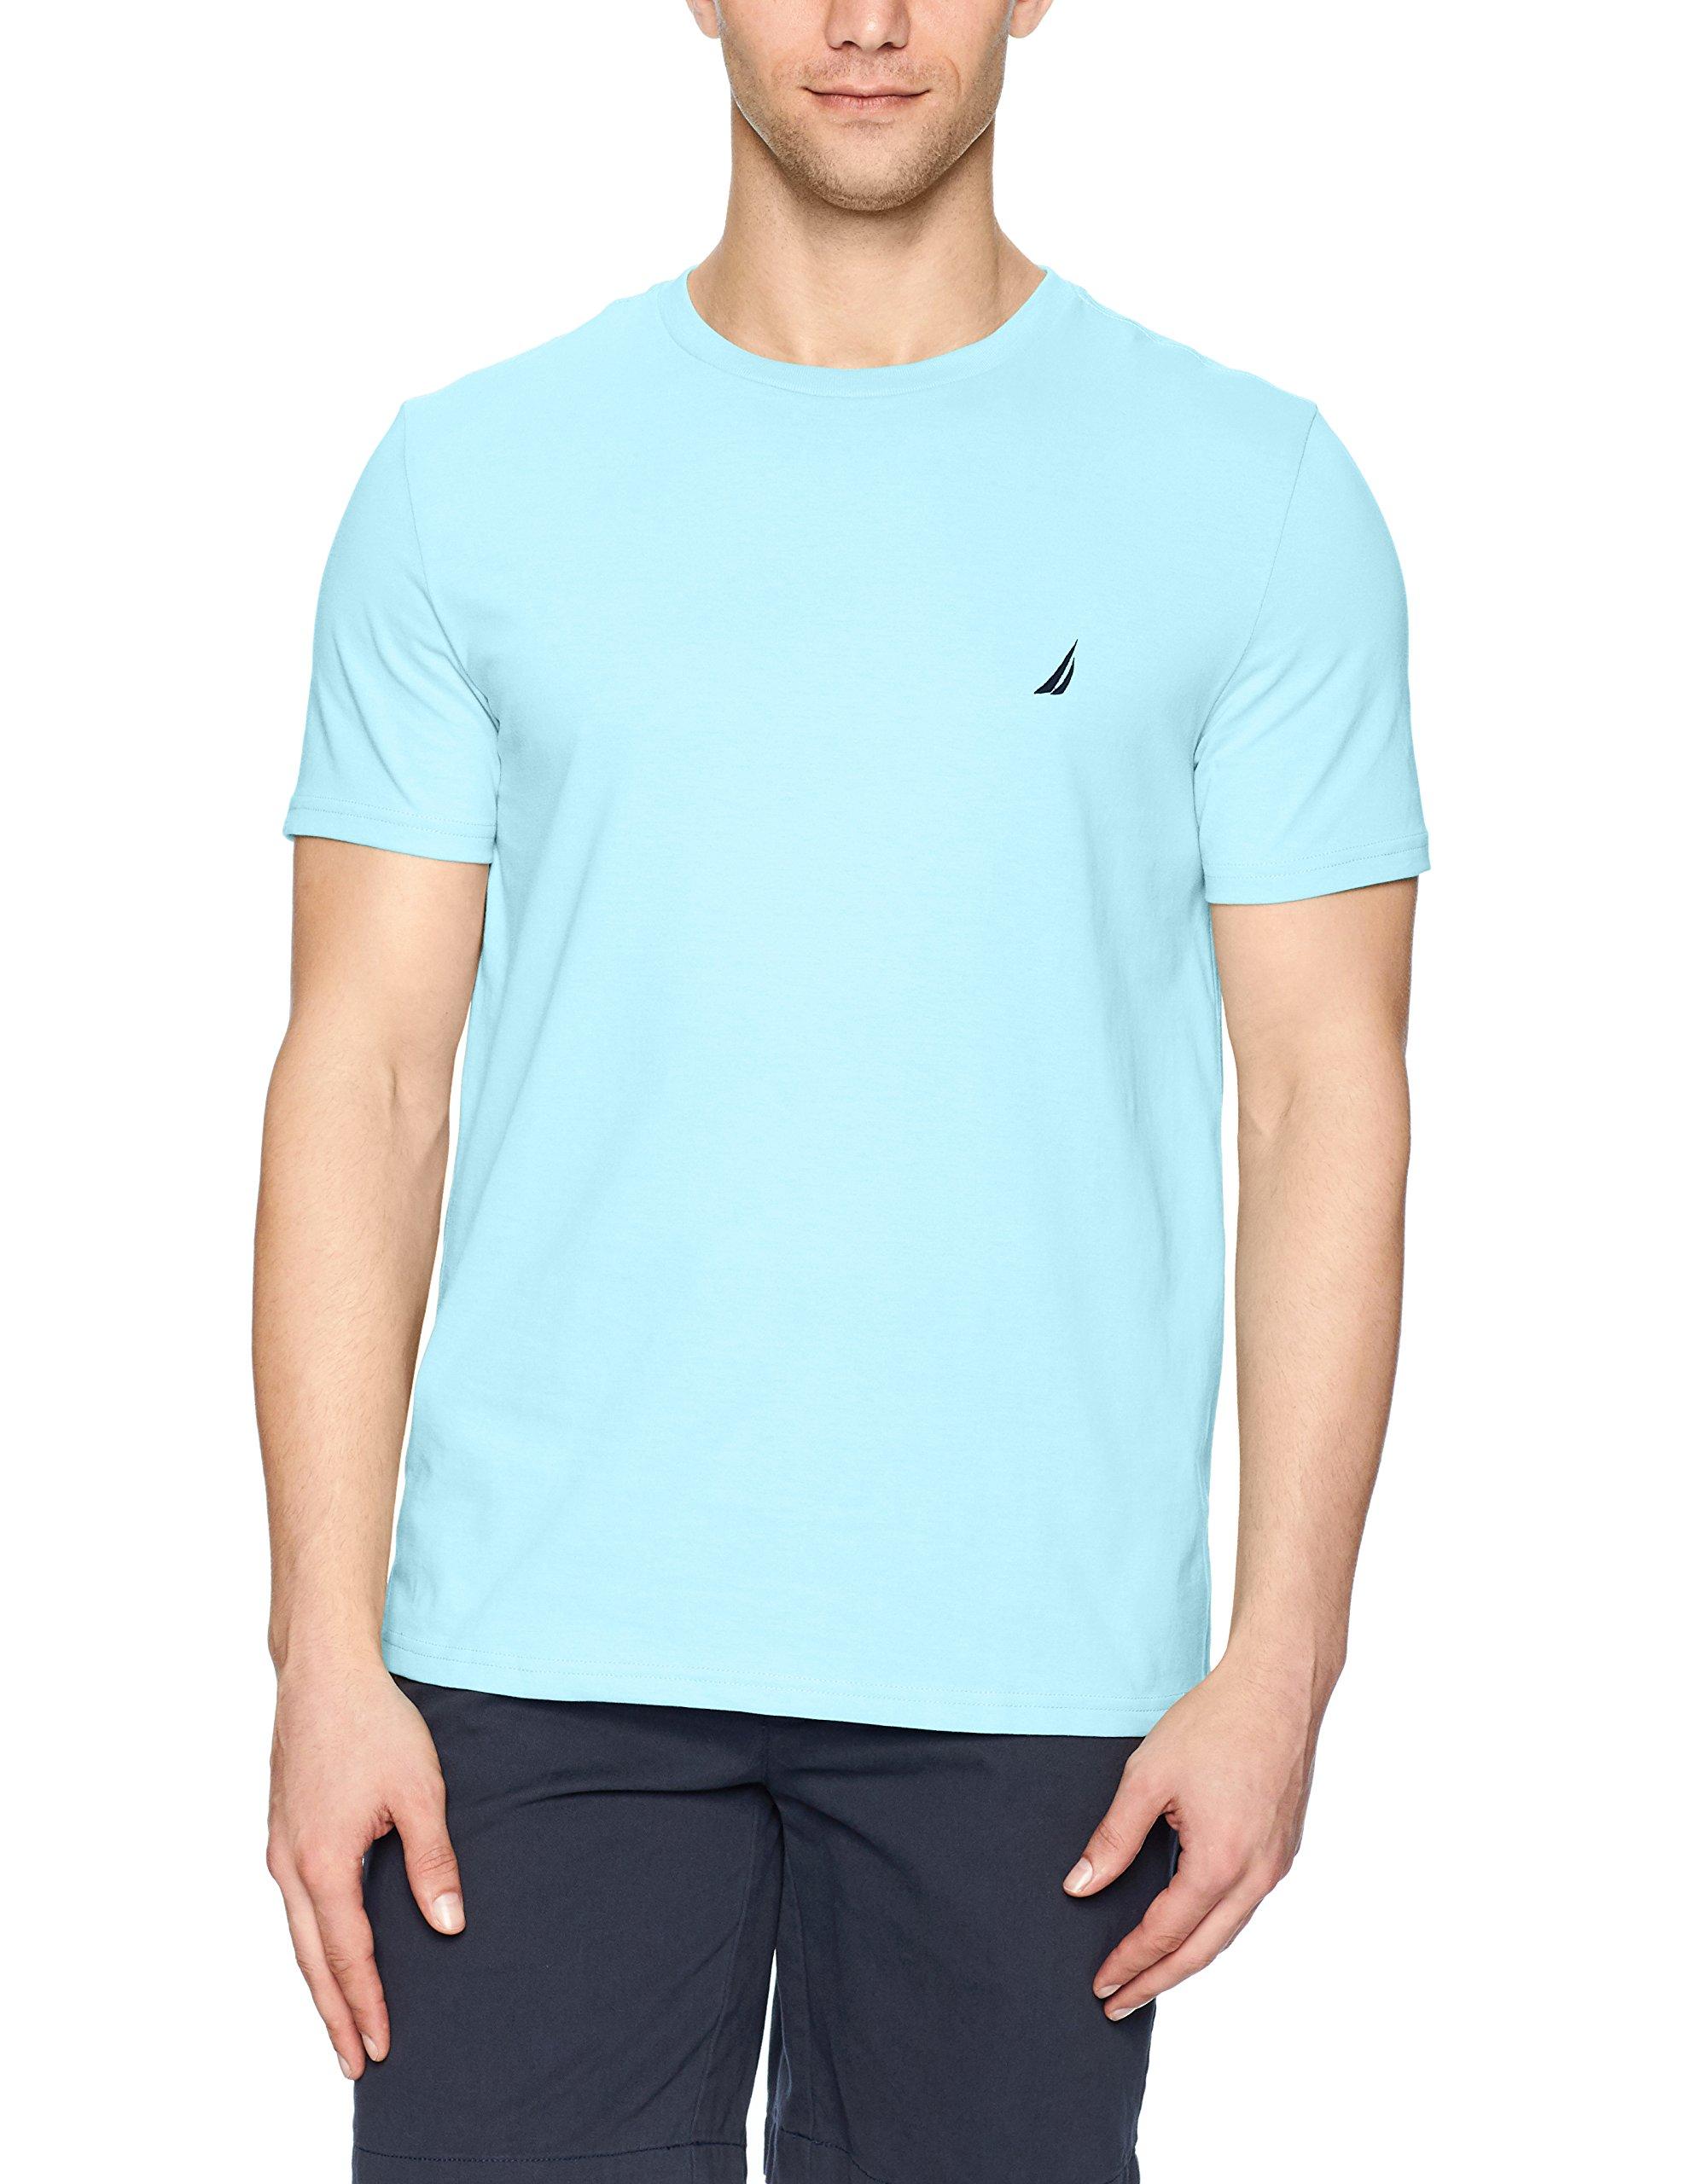 Nautica Men's Short Sleeve Solid Crew Neck T-Shirt, Bright Aqua Solid, X-Large